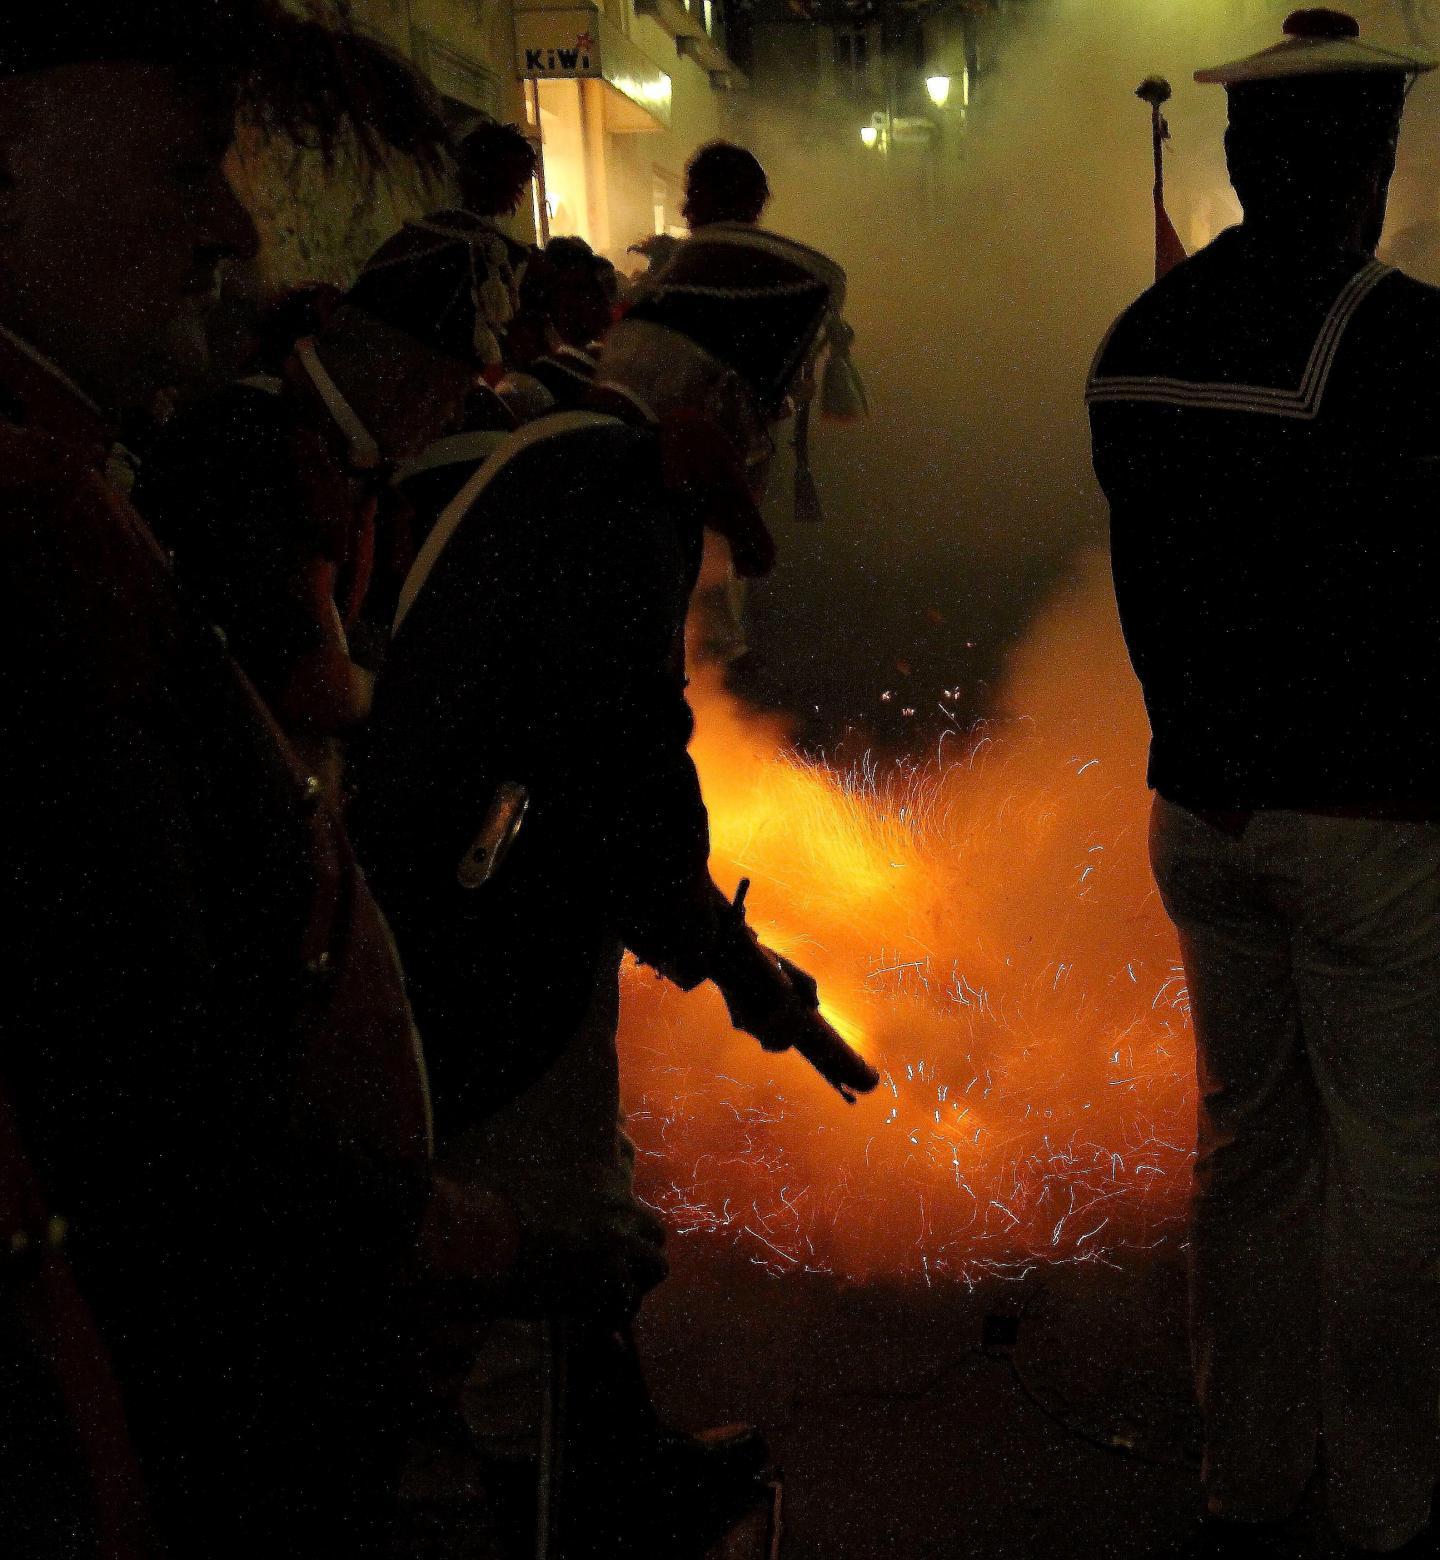 Au cœur de la nuit, l'explosion des derniers feux de la ferveur.